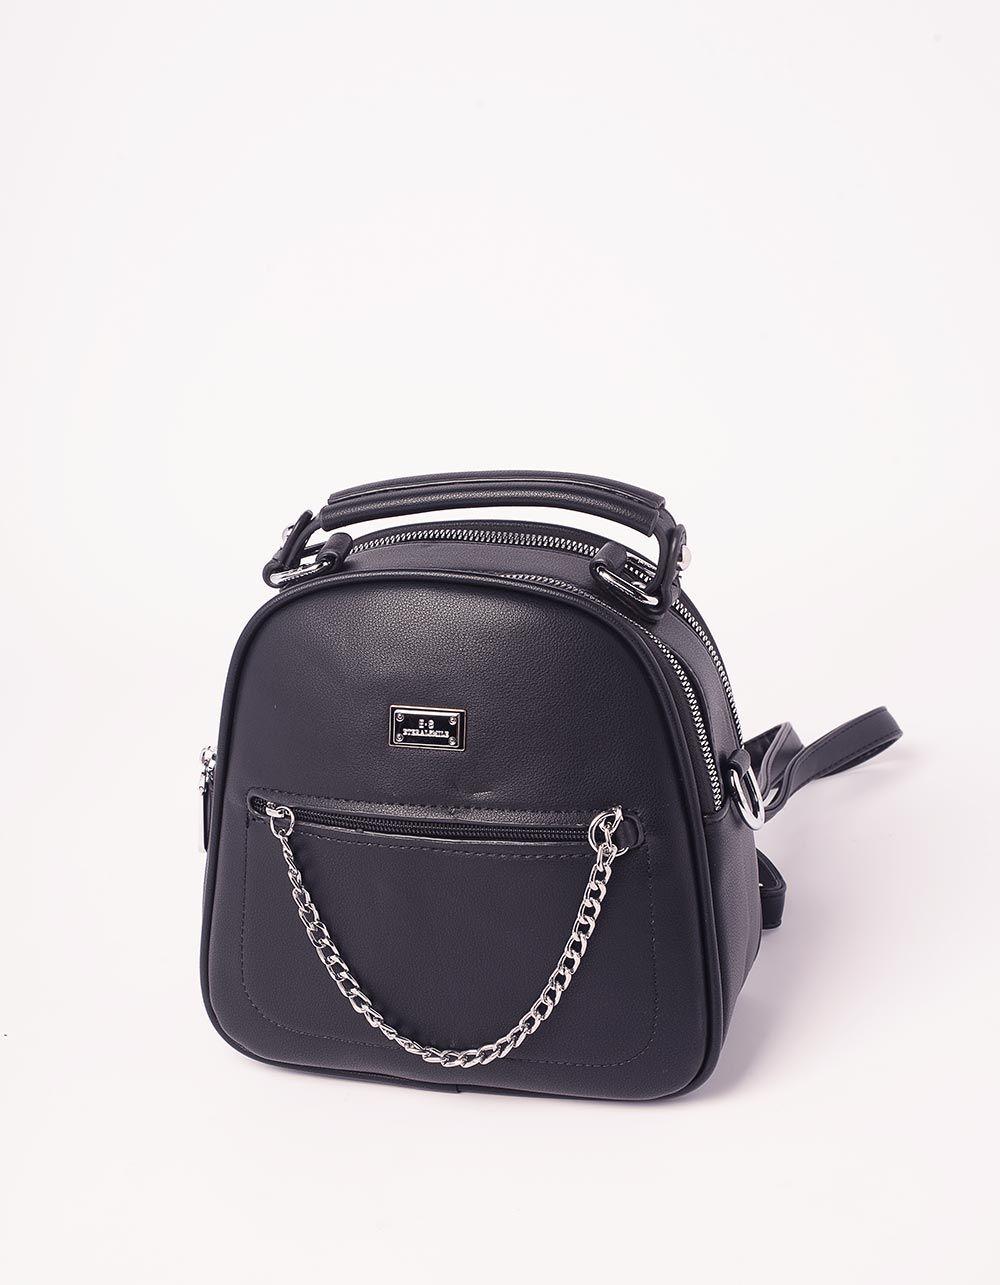 Рюкзак трансформер з ланцюжком з двома відділами | 240464-02-XX